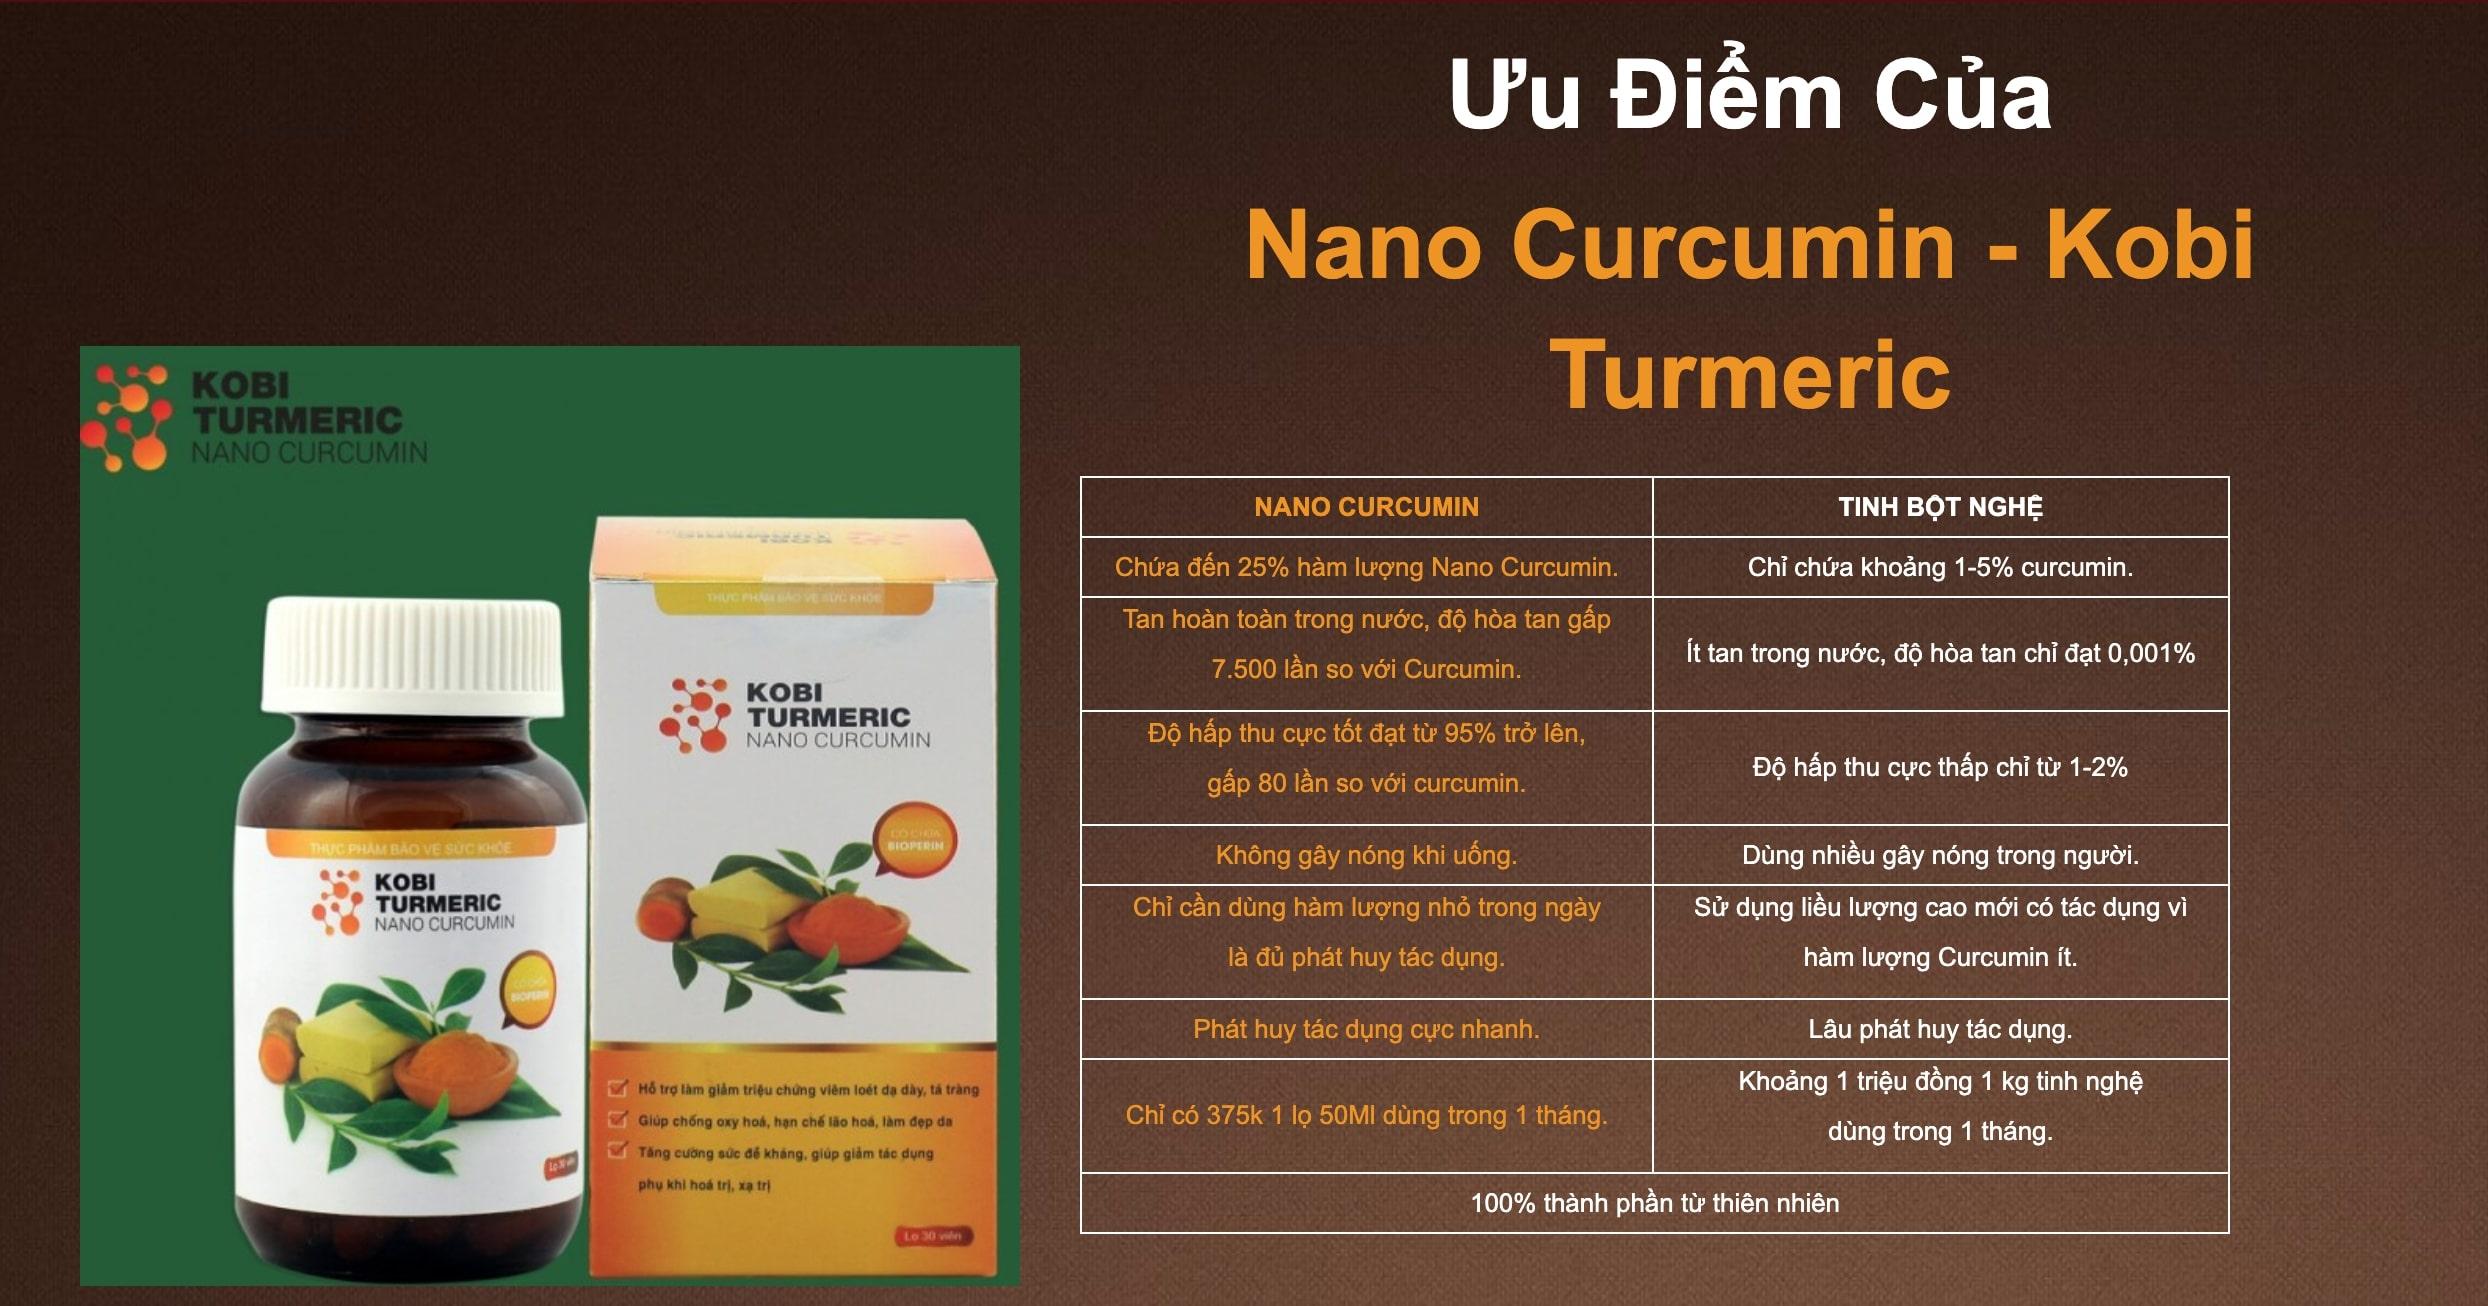 nano-curcumin